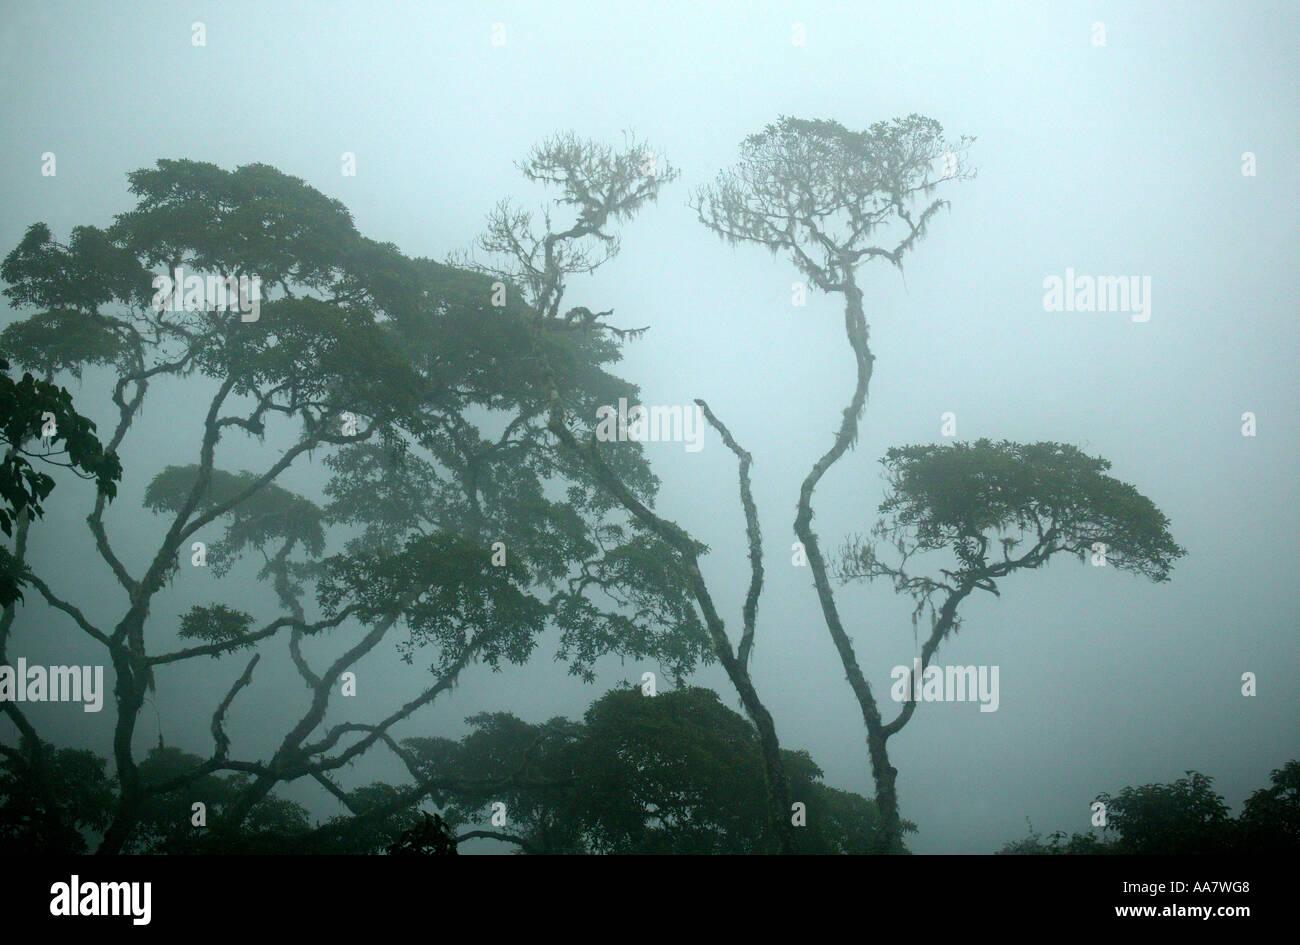 Brouillard dense dans la forêt tropicale de Pirre montagne dans le parc national de Darien, province de Darién, République du Panama. Banque D'Images